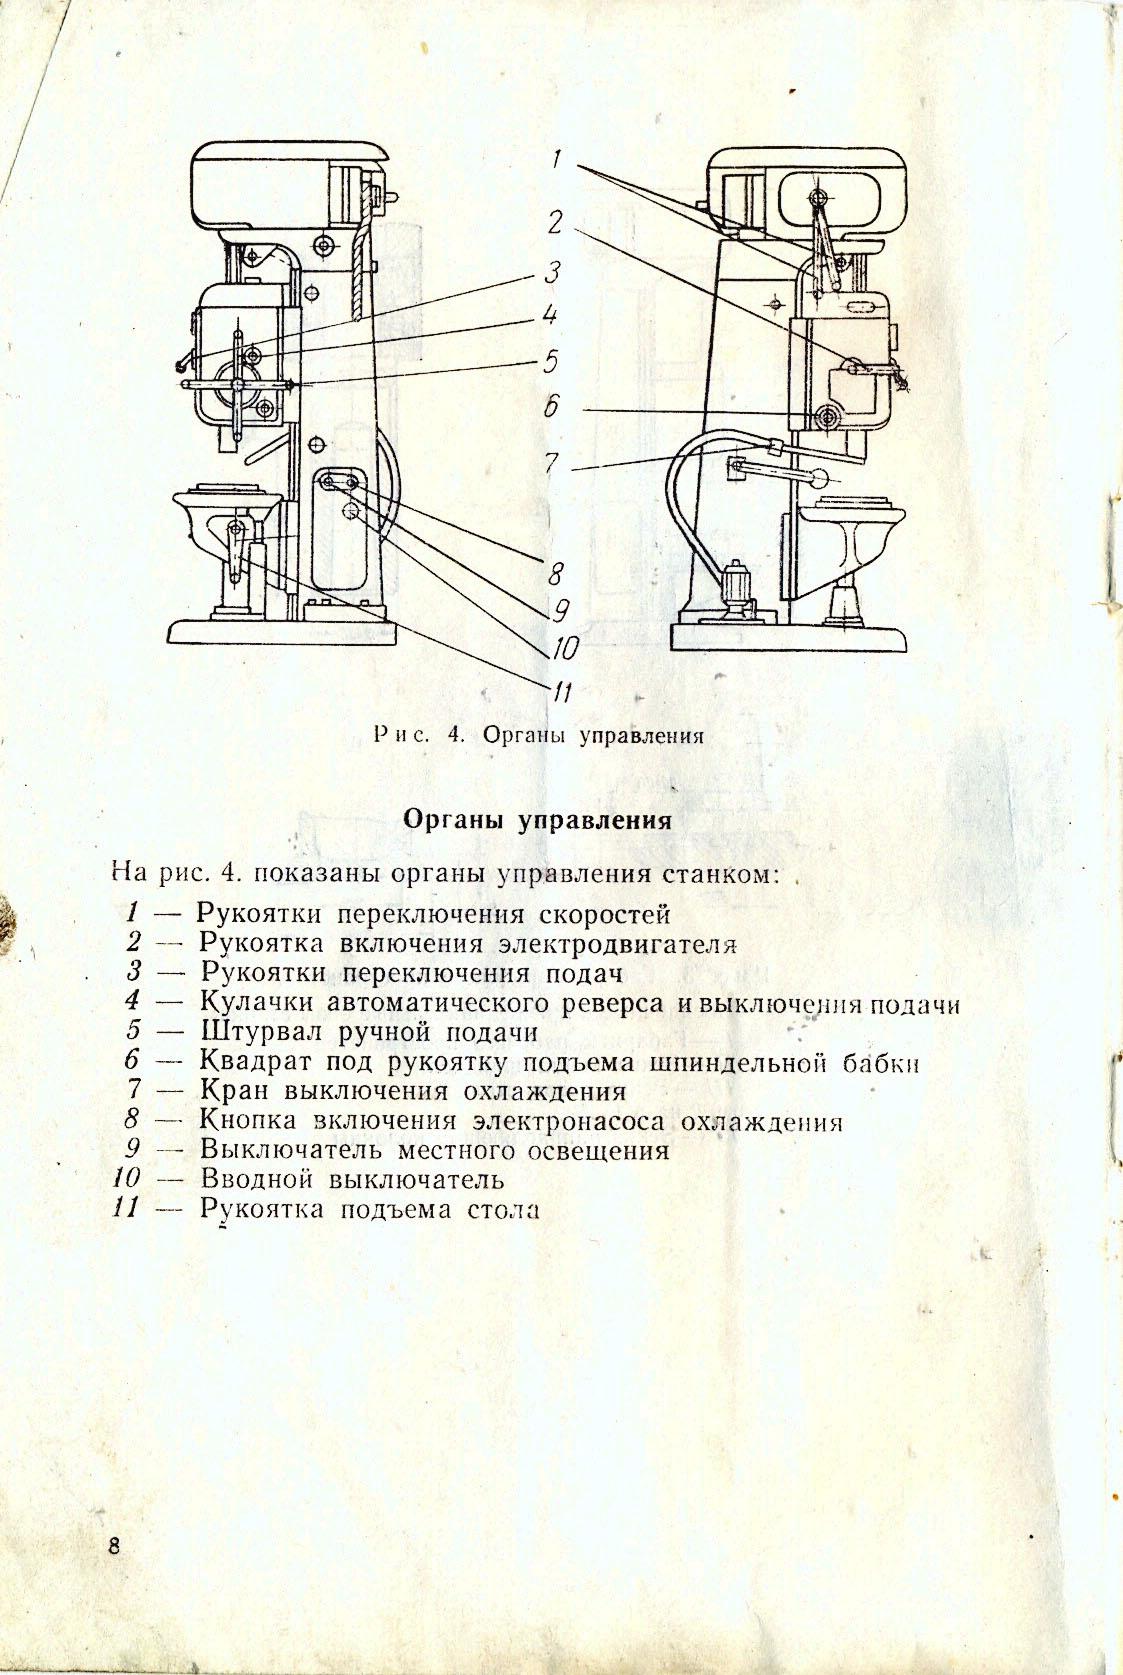 Вертикально-сверлильный станок 2а135 технические характеристики, паспорт: разъясняем в общих чертах